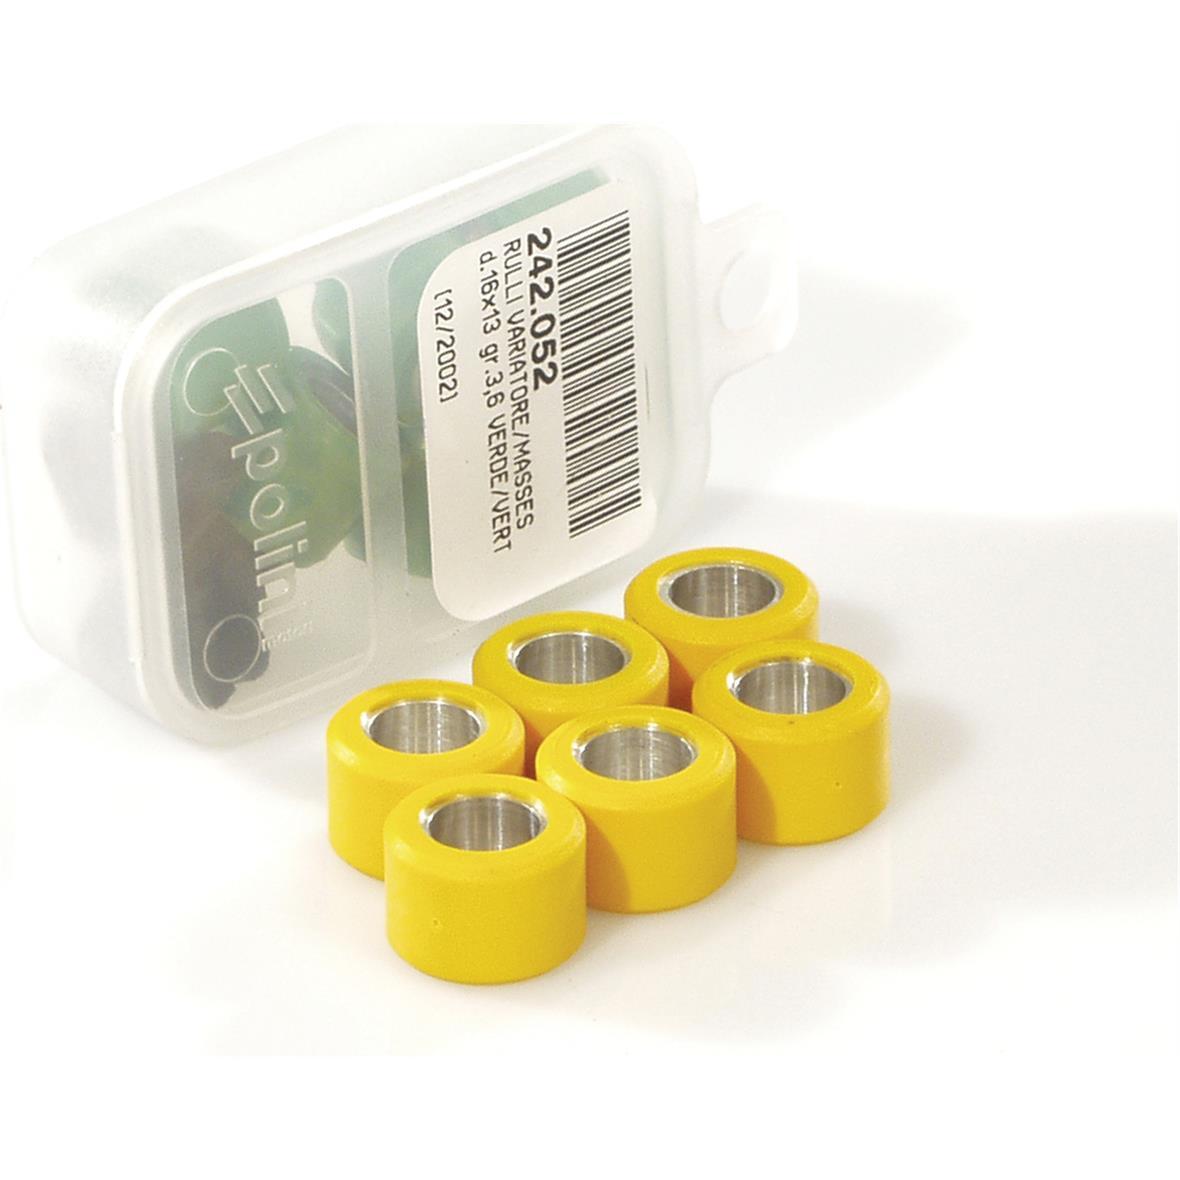 Productafbeelding voor 'Variateur Rollen POLINI 20x17 mm 13,2 gramTitle'